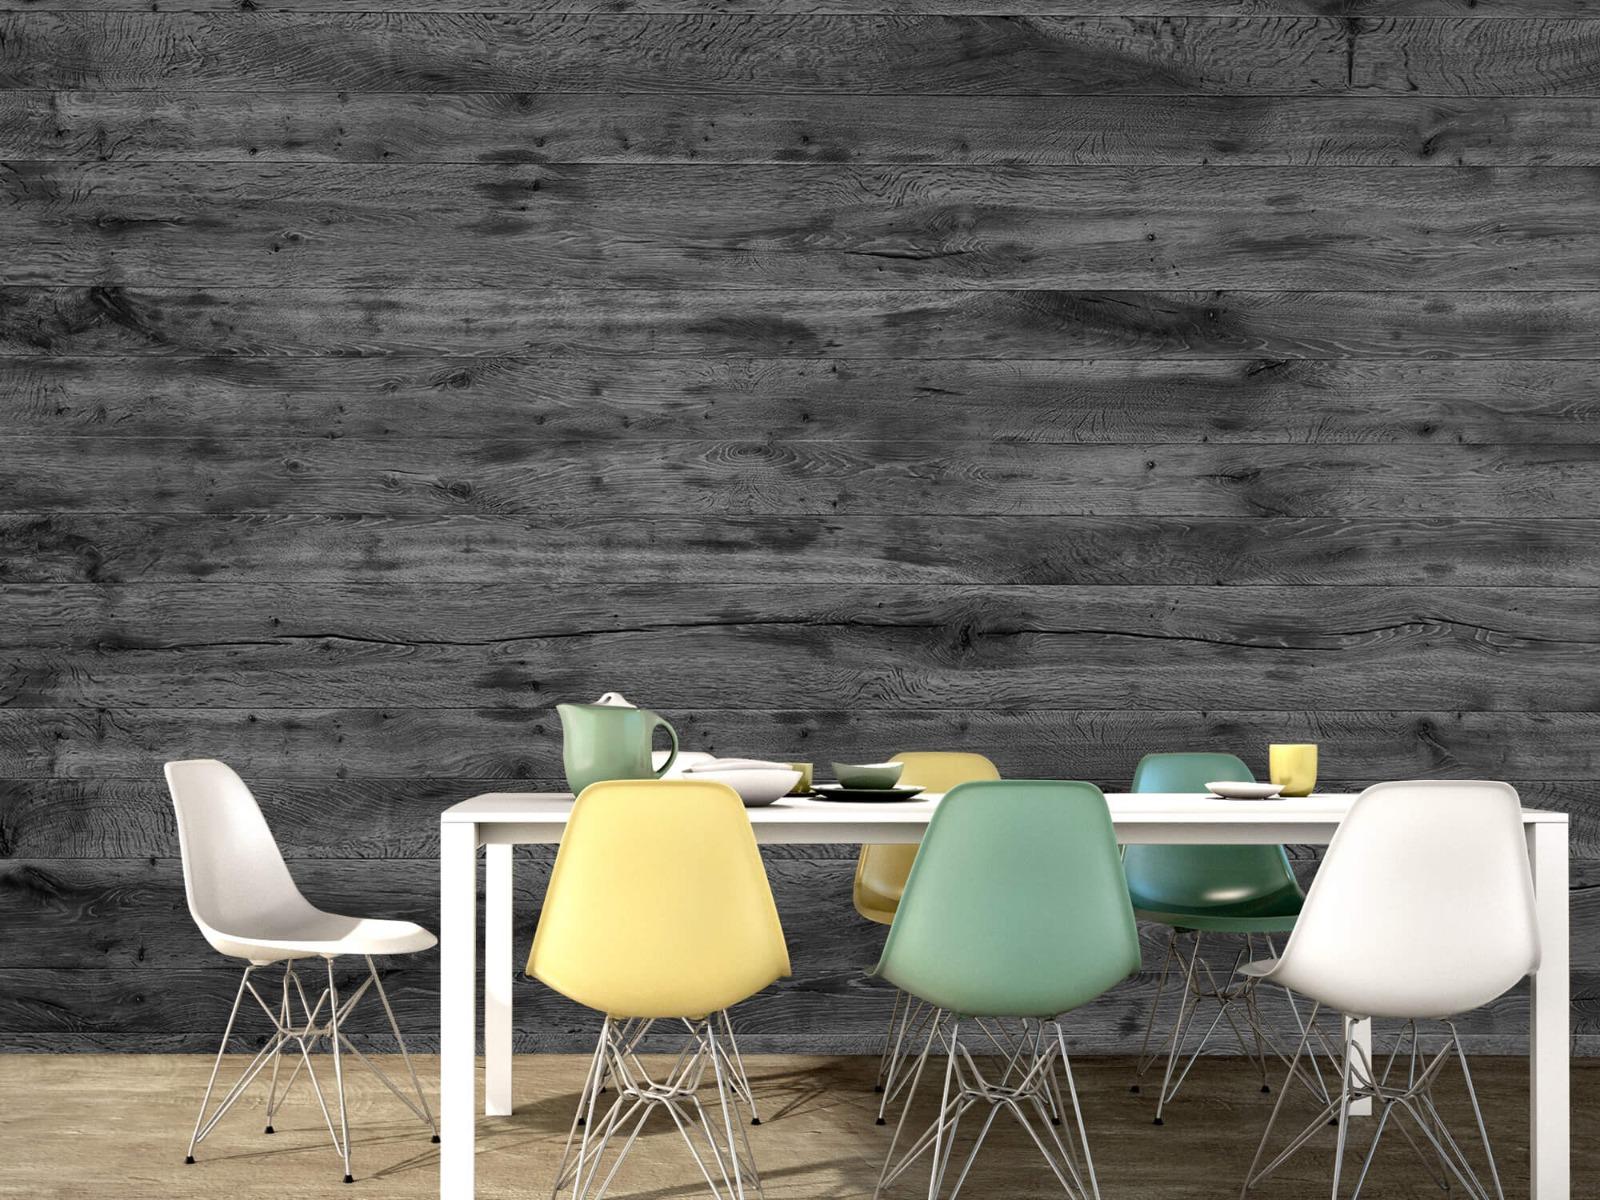 Hout behang - Grijze houten planken - Directie 17